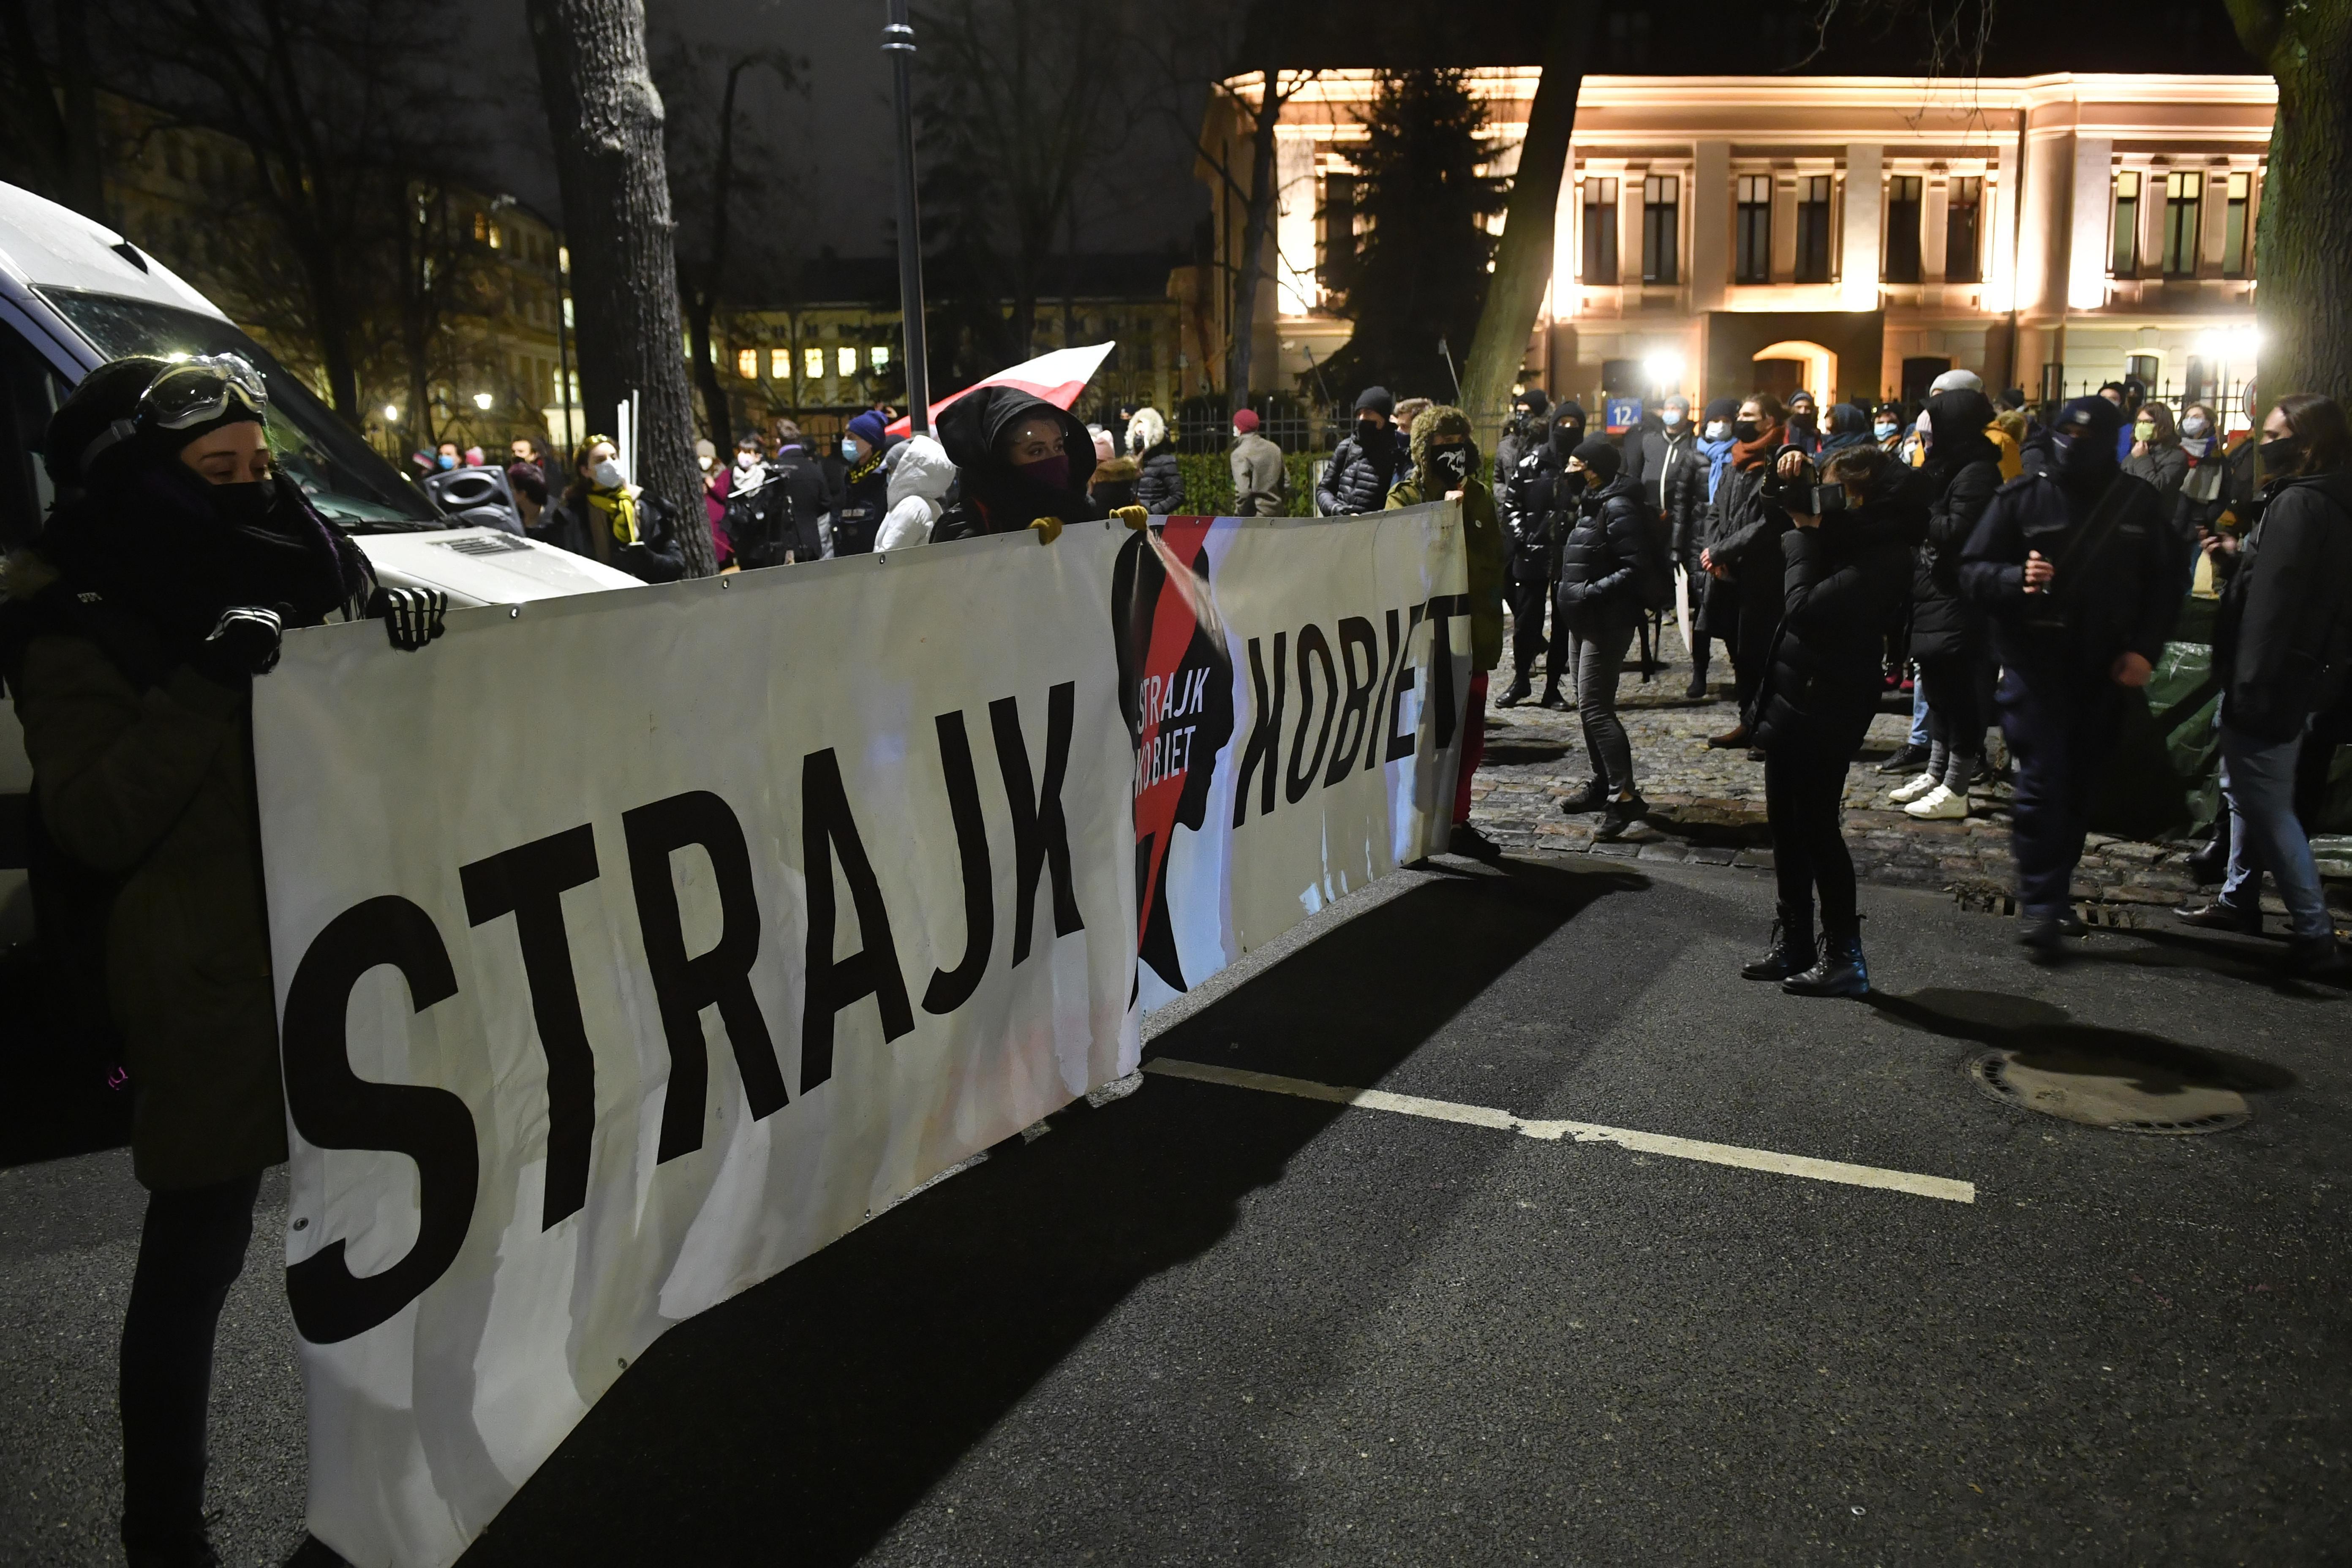 В Польщі остаточно заборонили аборти - наслідки (Фото)  - фото 6